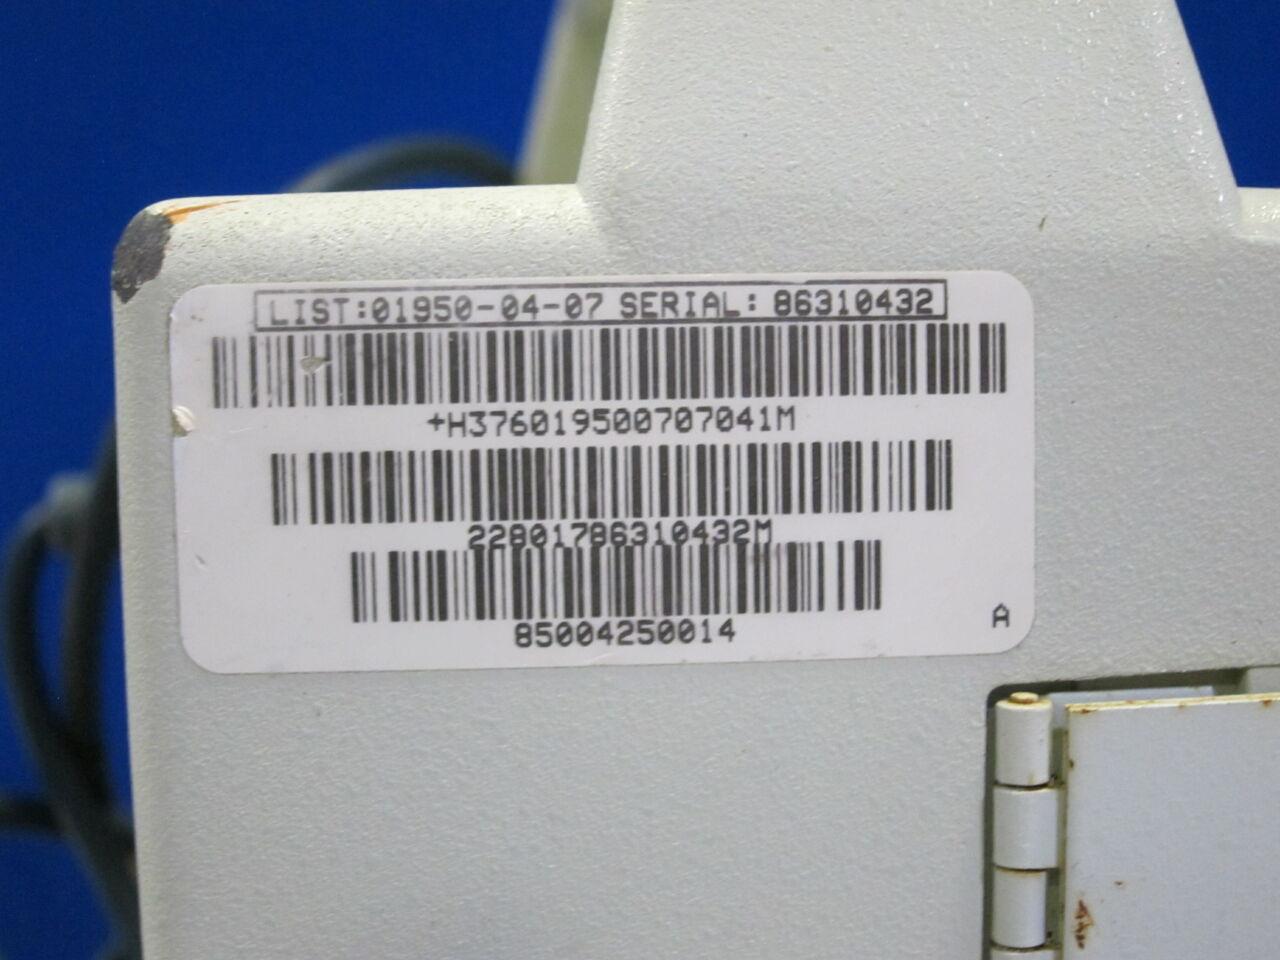 ABBOTT Lifecare PCA Plus 4100 Pump IV Infusion